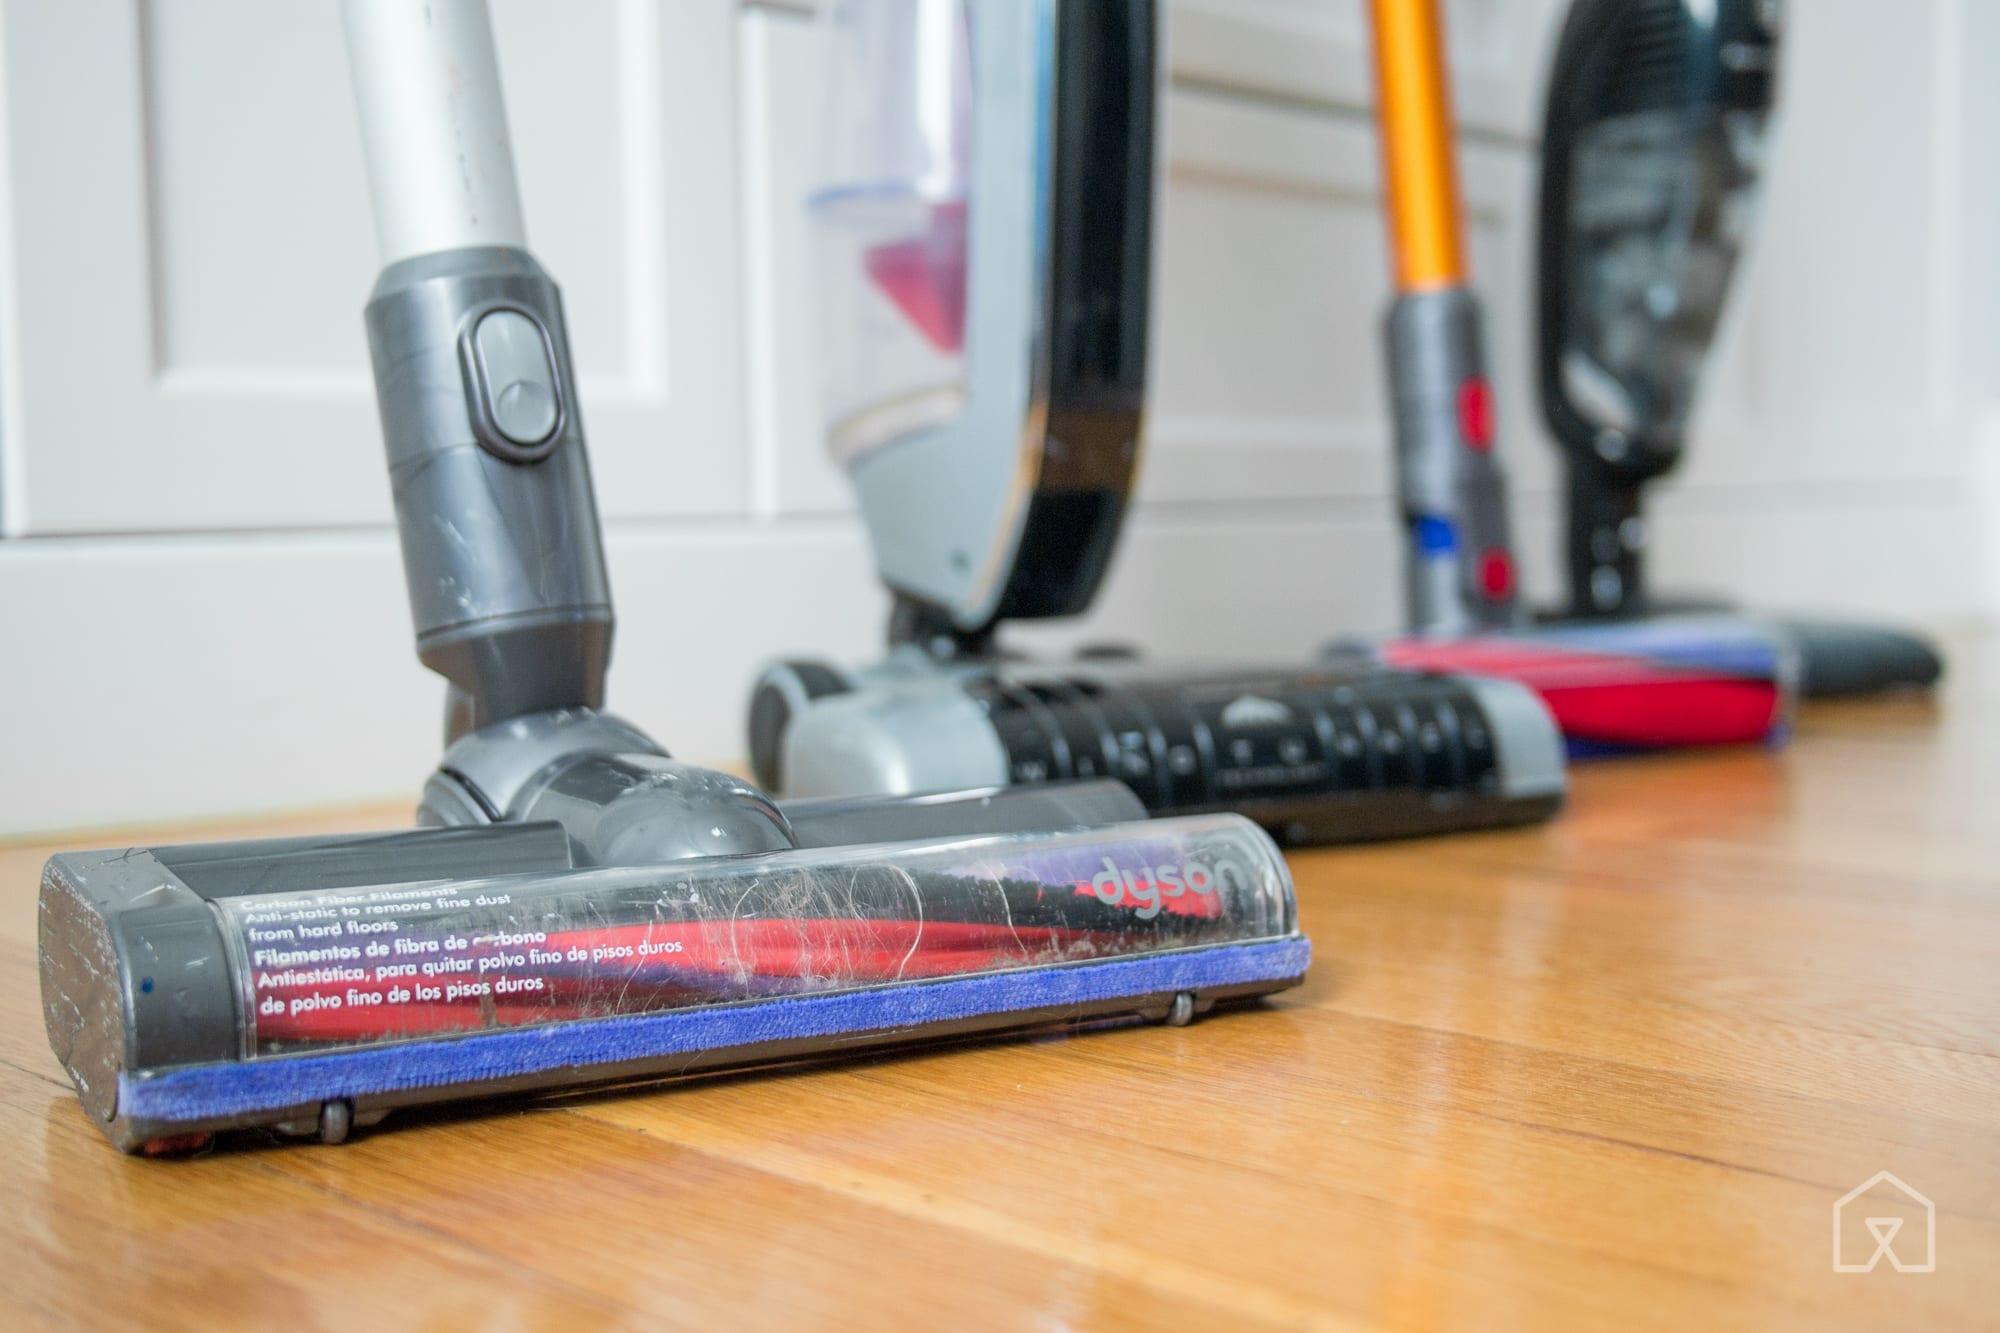 Best Stick Vacuum 2020 The best cordless stick vacuum